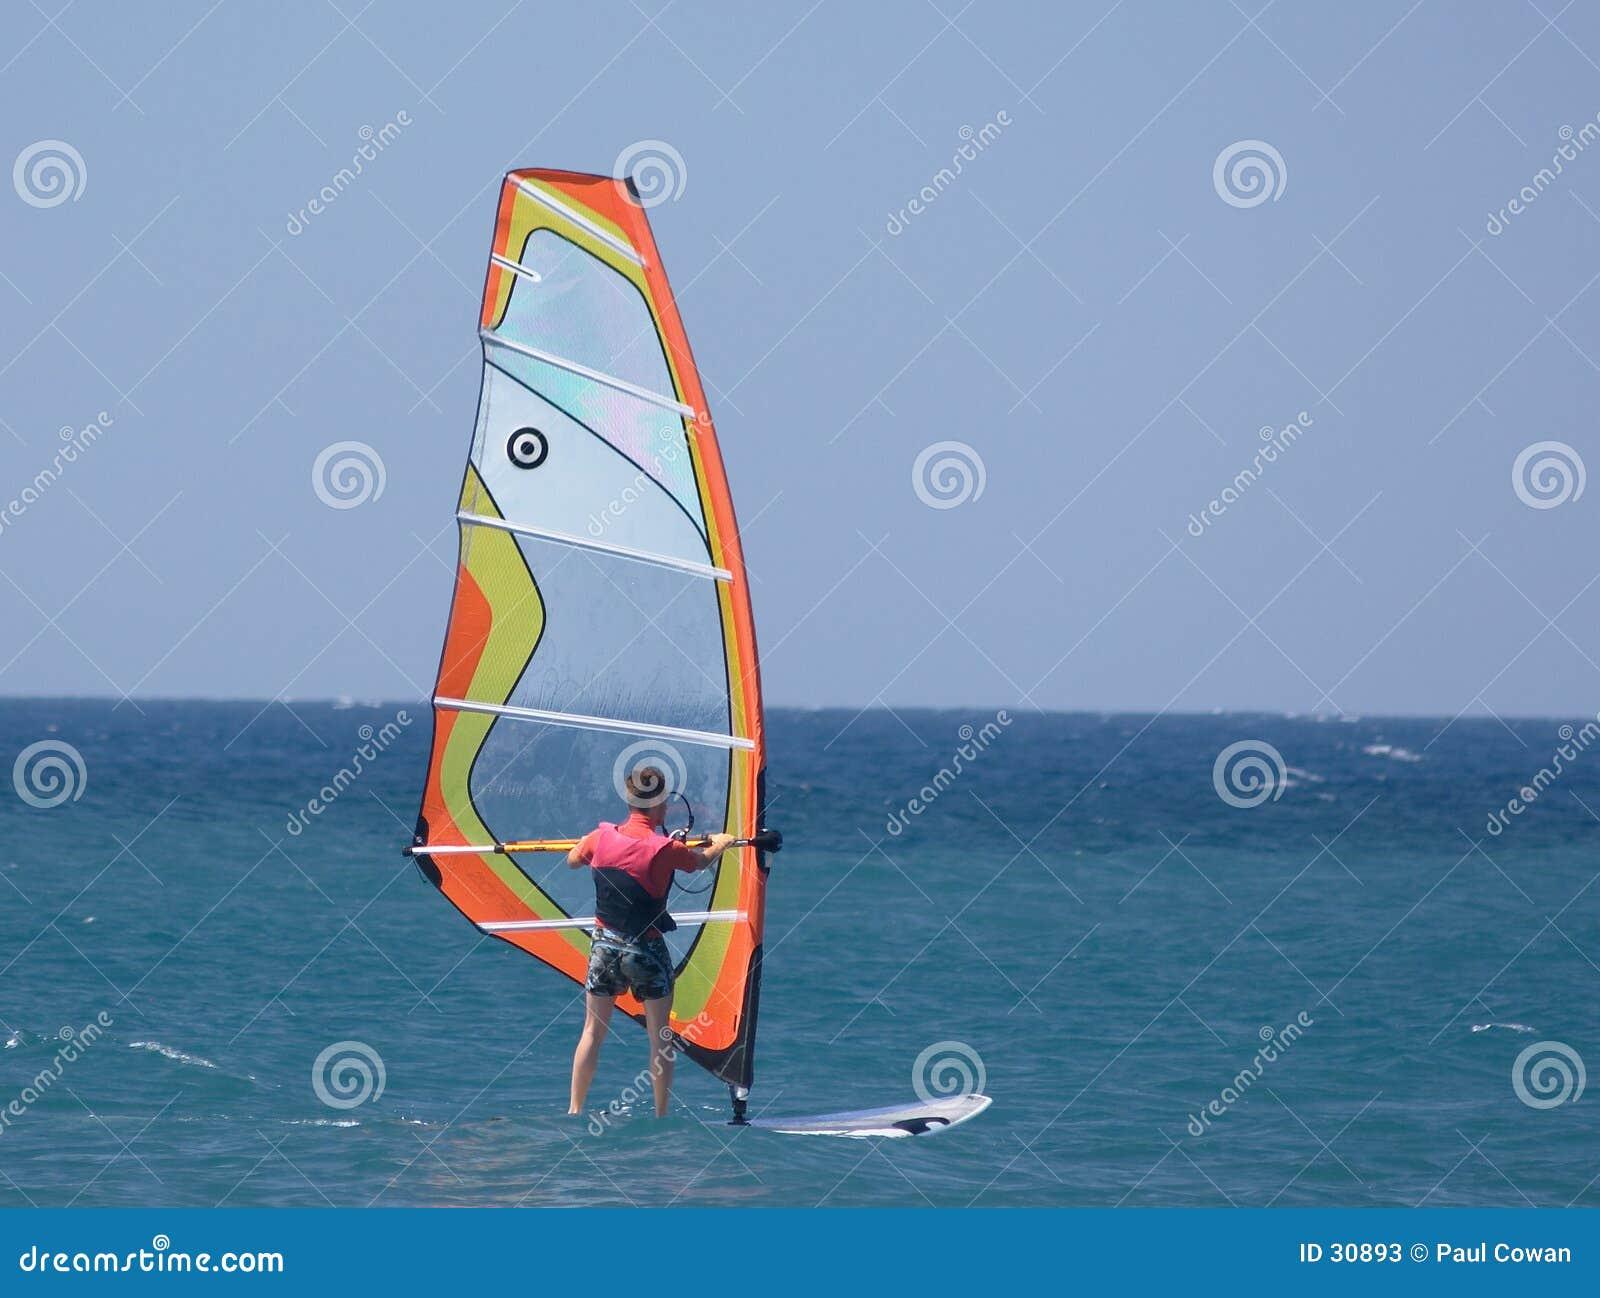 Sailboard Sportler